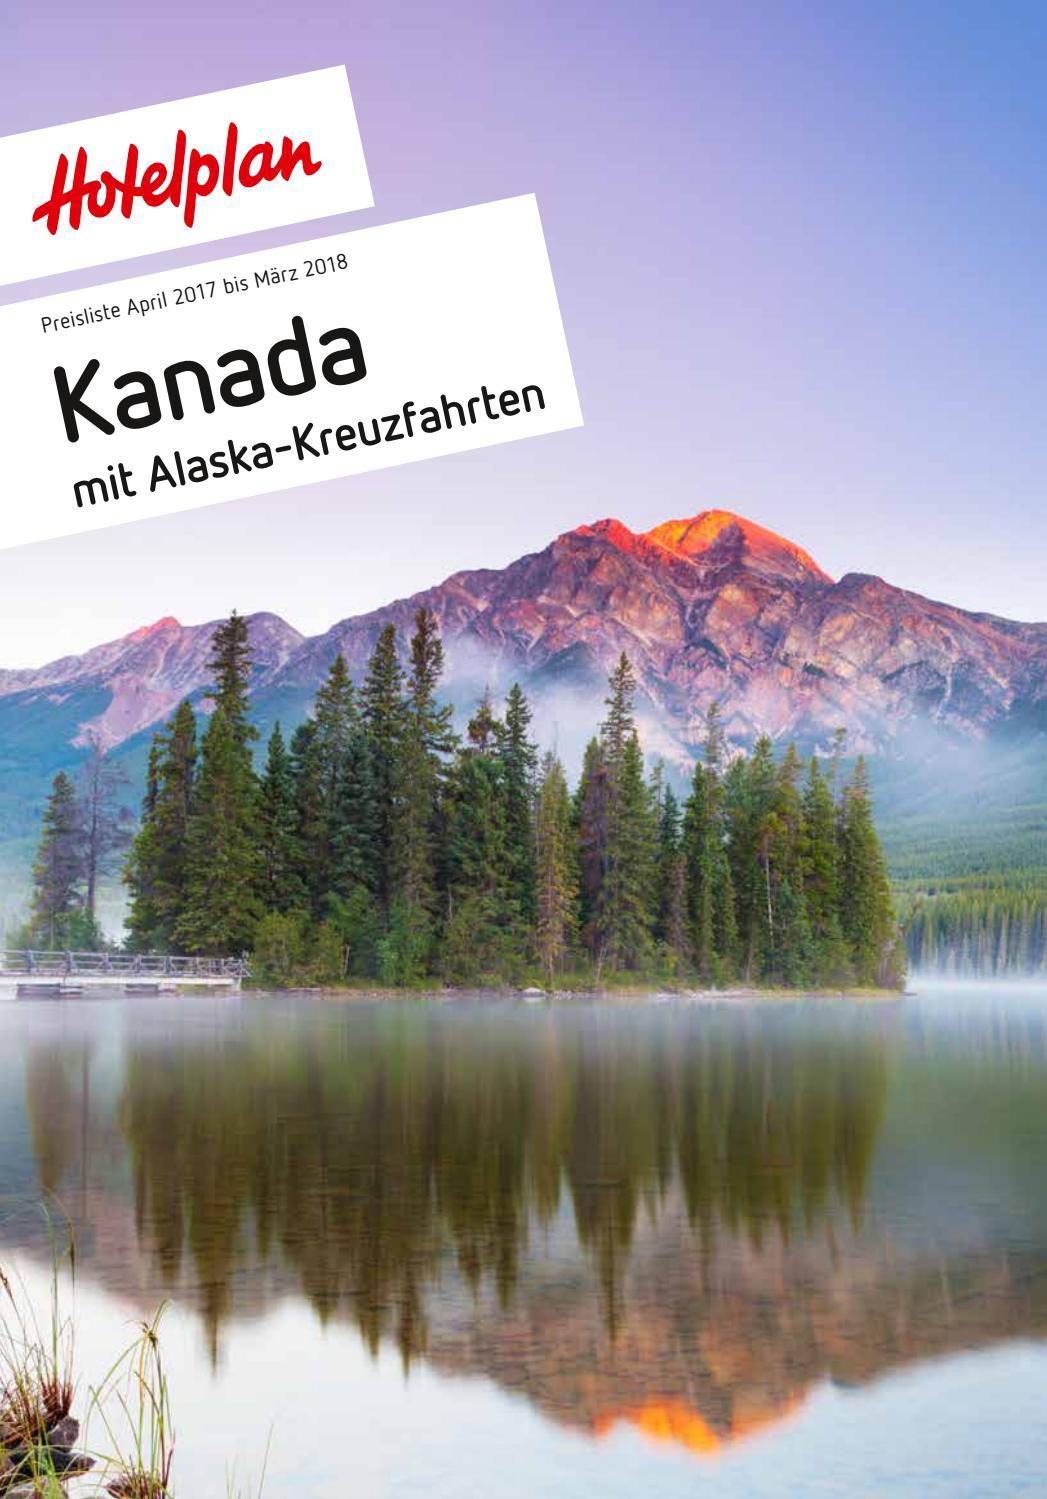 Preisliste Hotelplan Kanada – von April 2017 bis März 2018 by ...